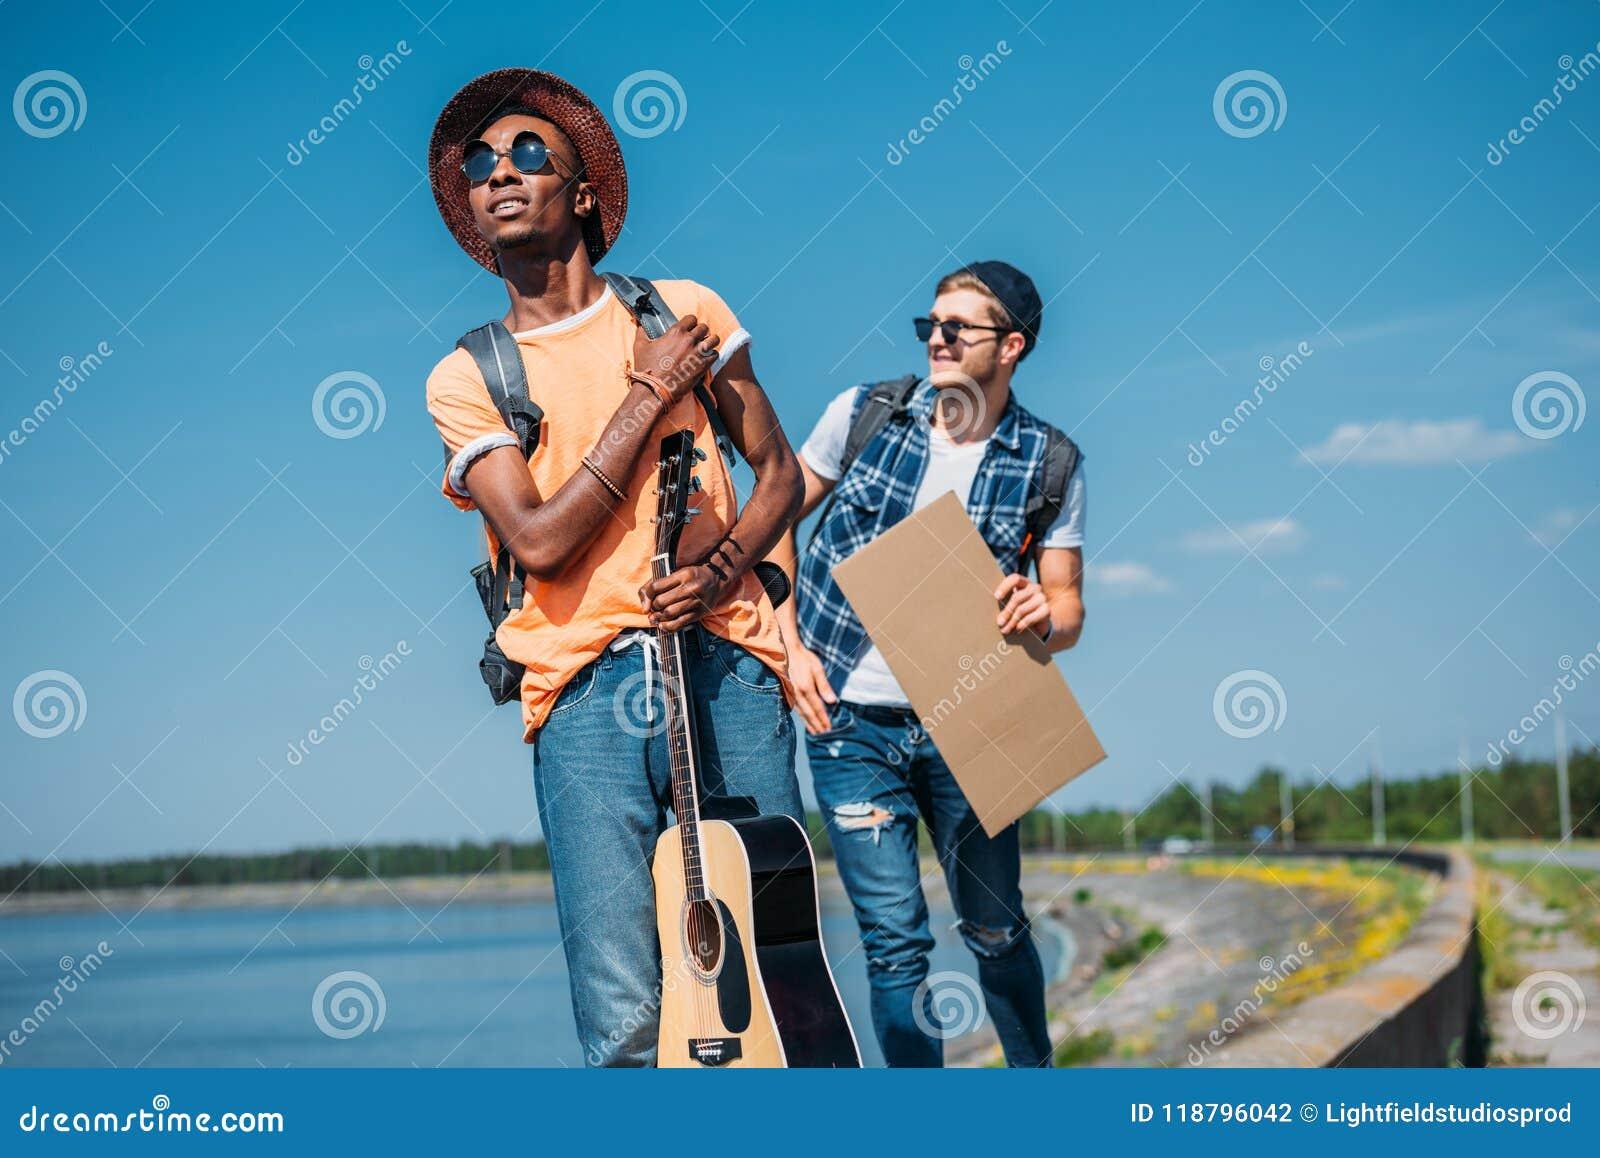 Hombre amrican africano joven con la guitarra que hace autostop